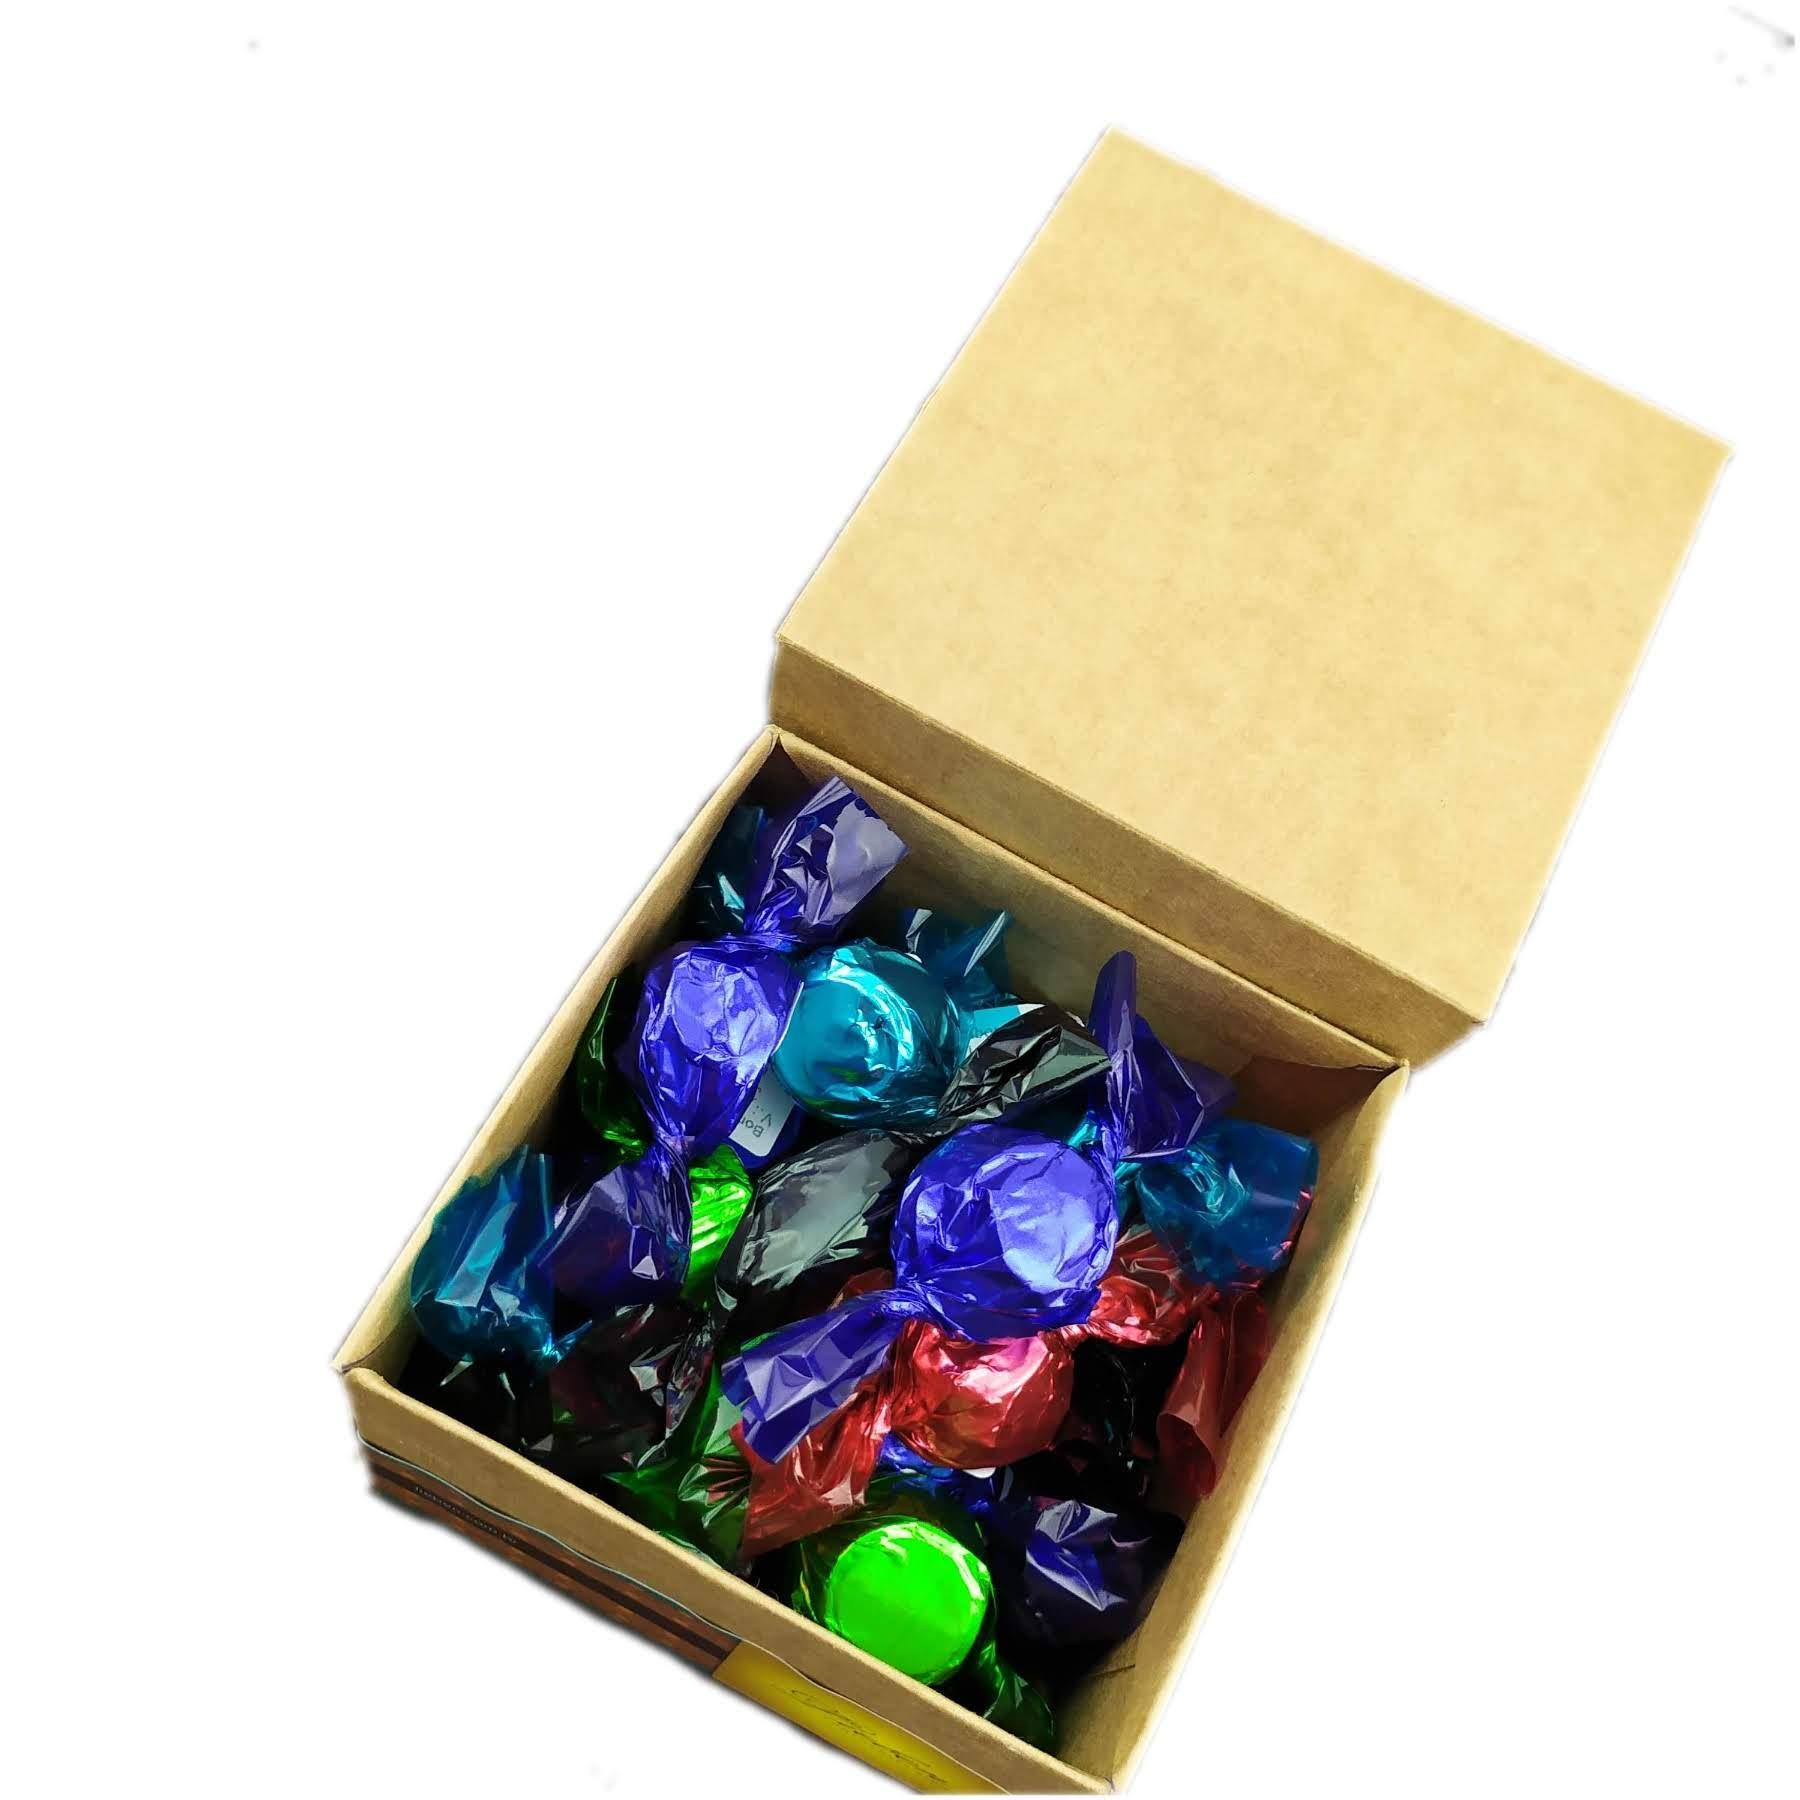 Caixa com 20 bombons recheados e sortidos